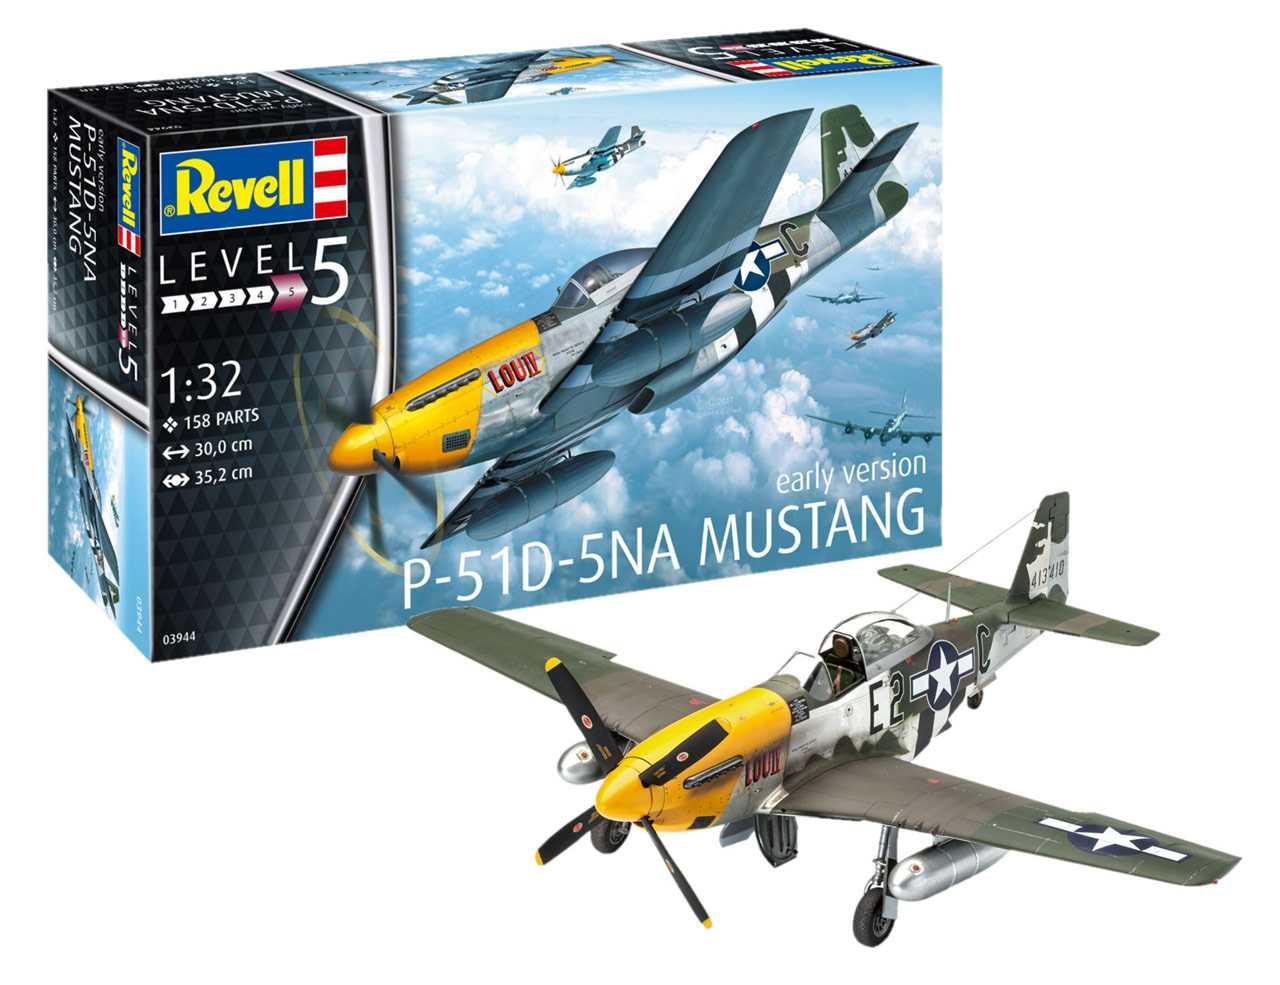 5a96842bf revellonline | Plastic ModelKit letadlo 03944 - P-51D-5NA Mustang (1:32)